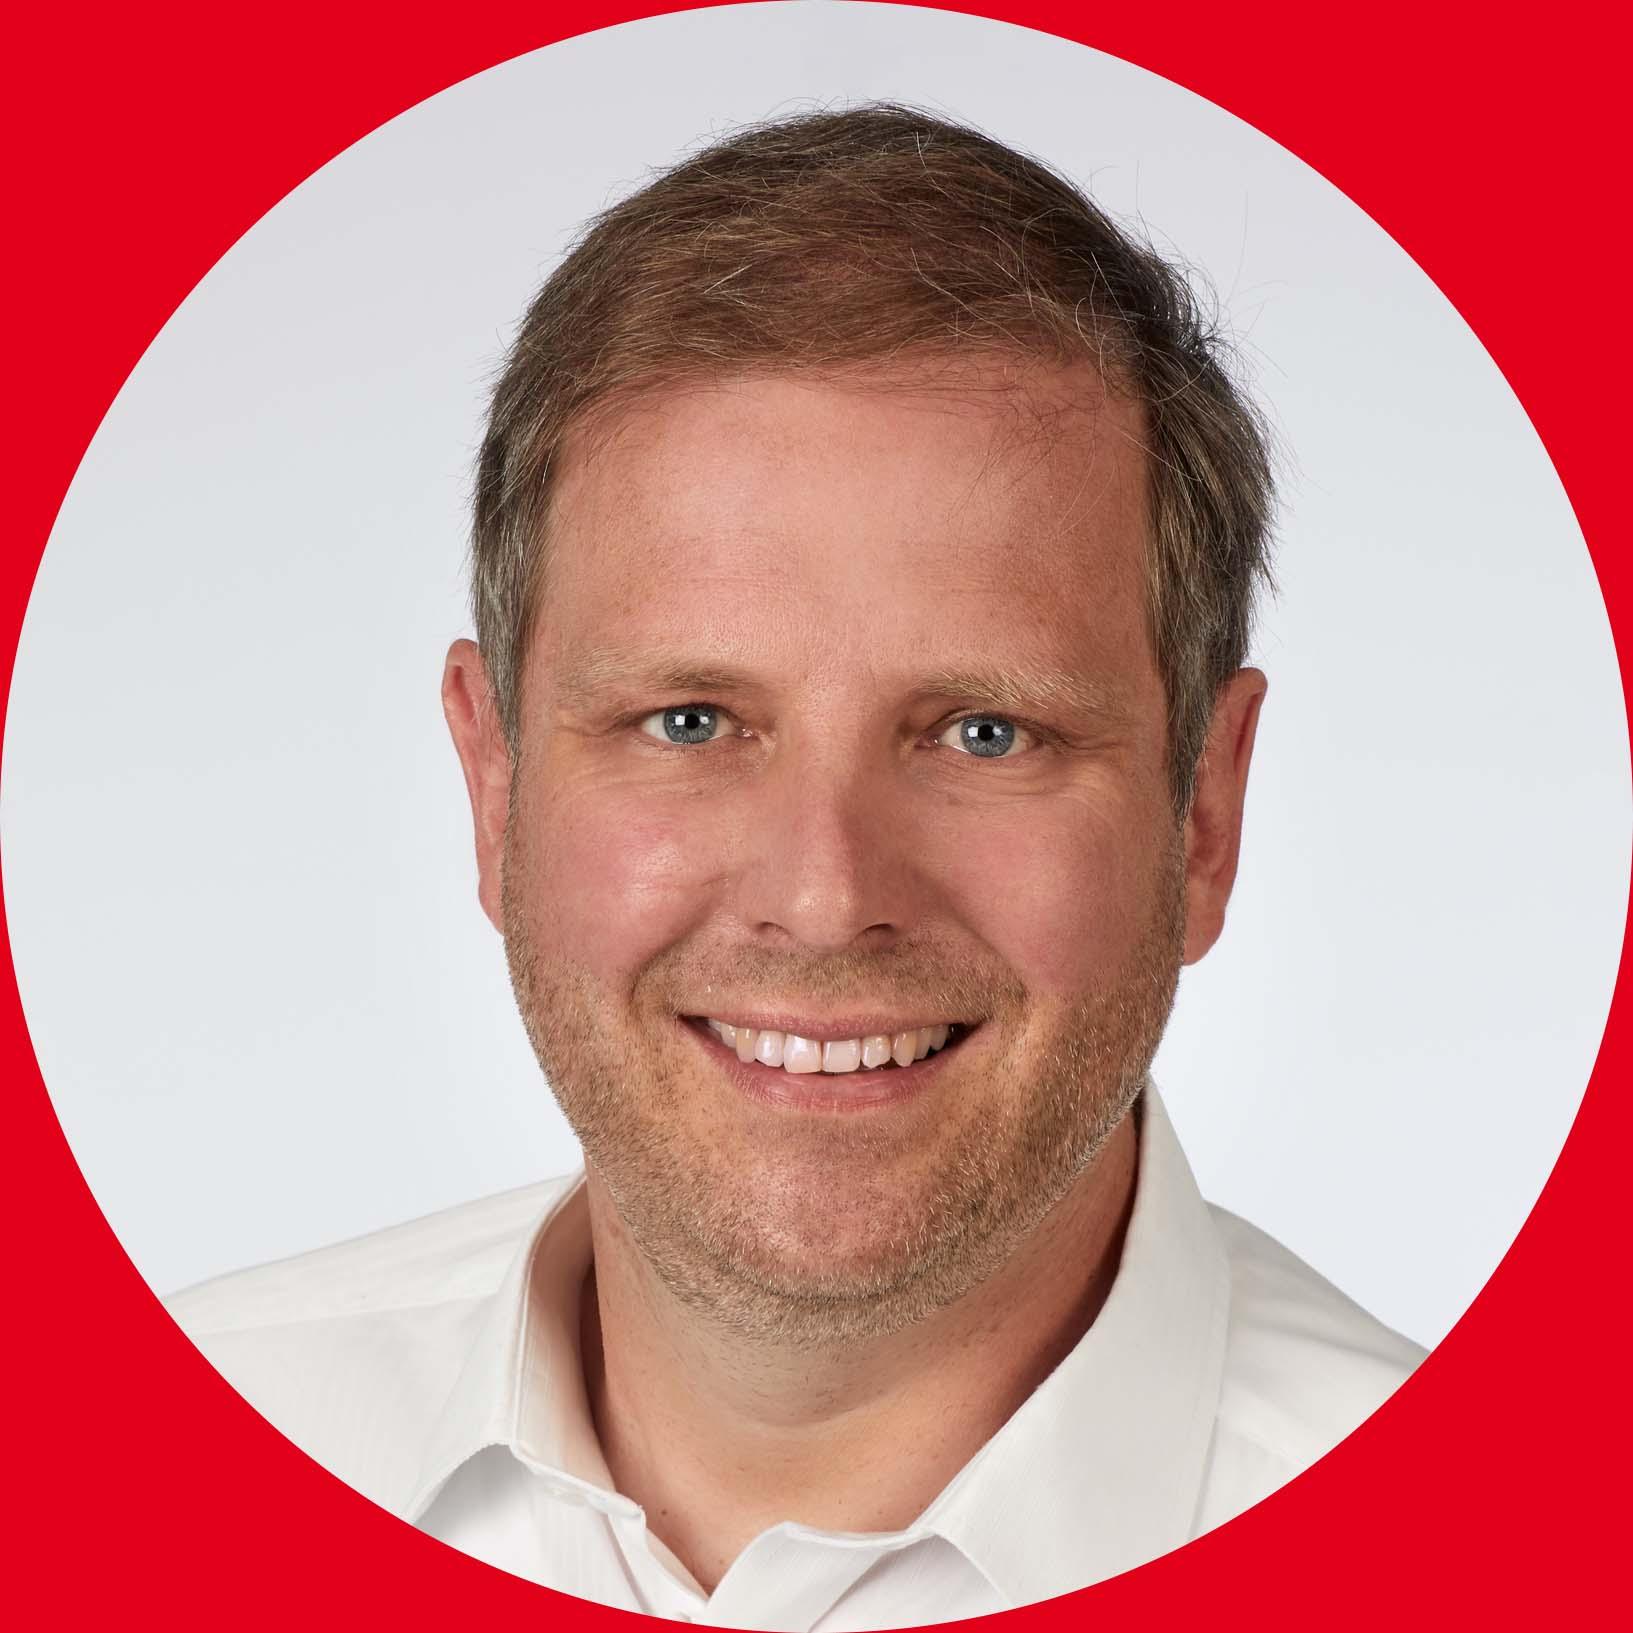 Matthias_Moritz-MEKmedia_GmbH-r